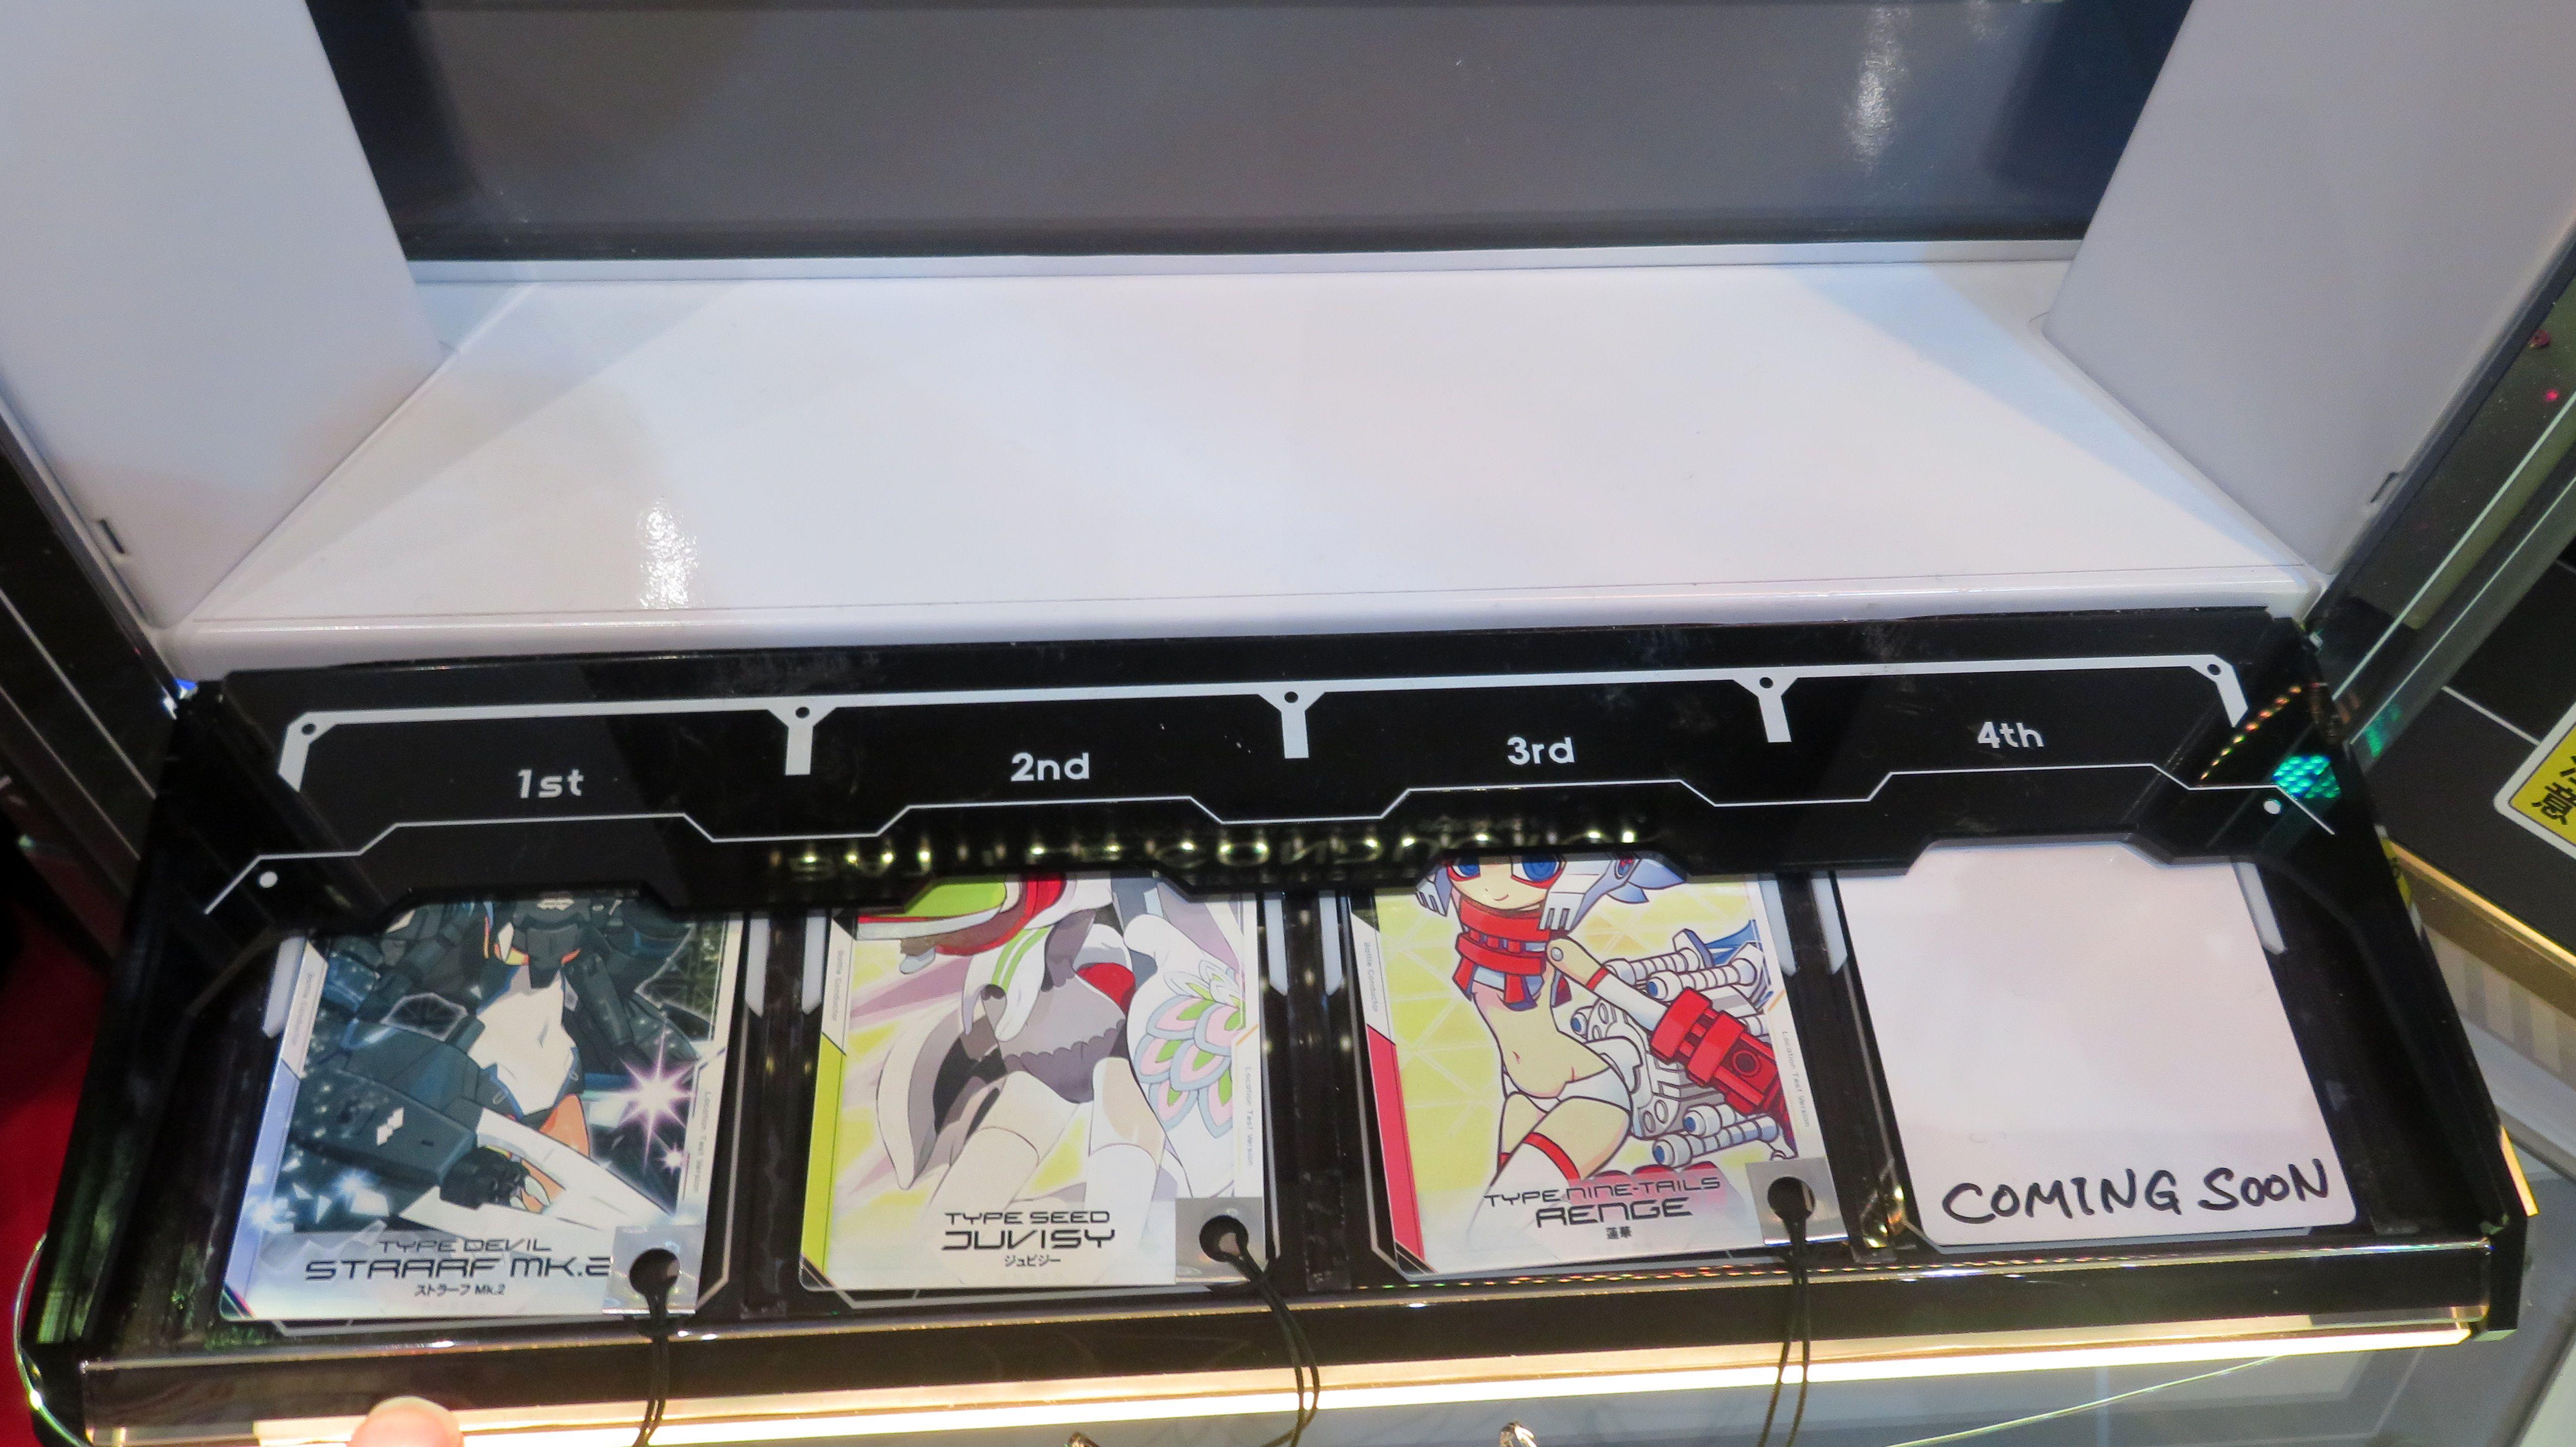 筐体左側にあるカードリーダーに神姫カードを読みこなせると、サブモニター上に神姫が出現。神姫がまるでそこにいるかのように、立体的に映し出されるのも特徴だ